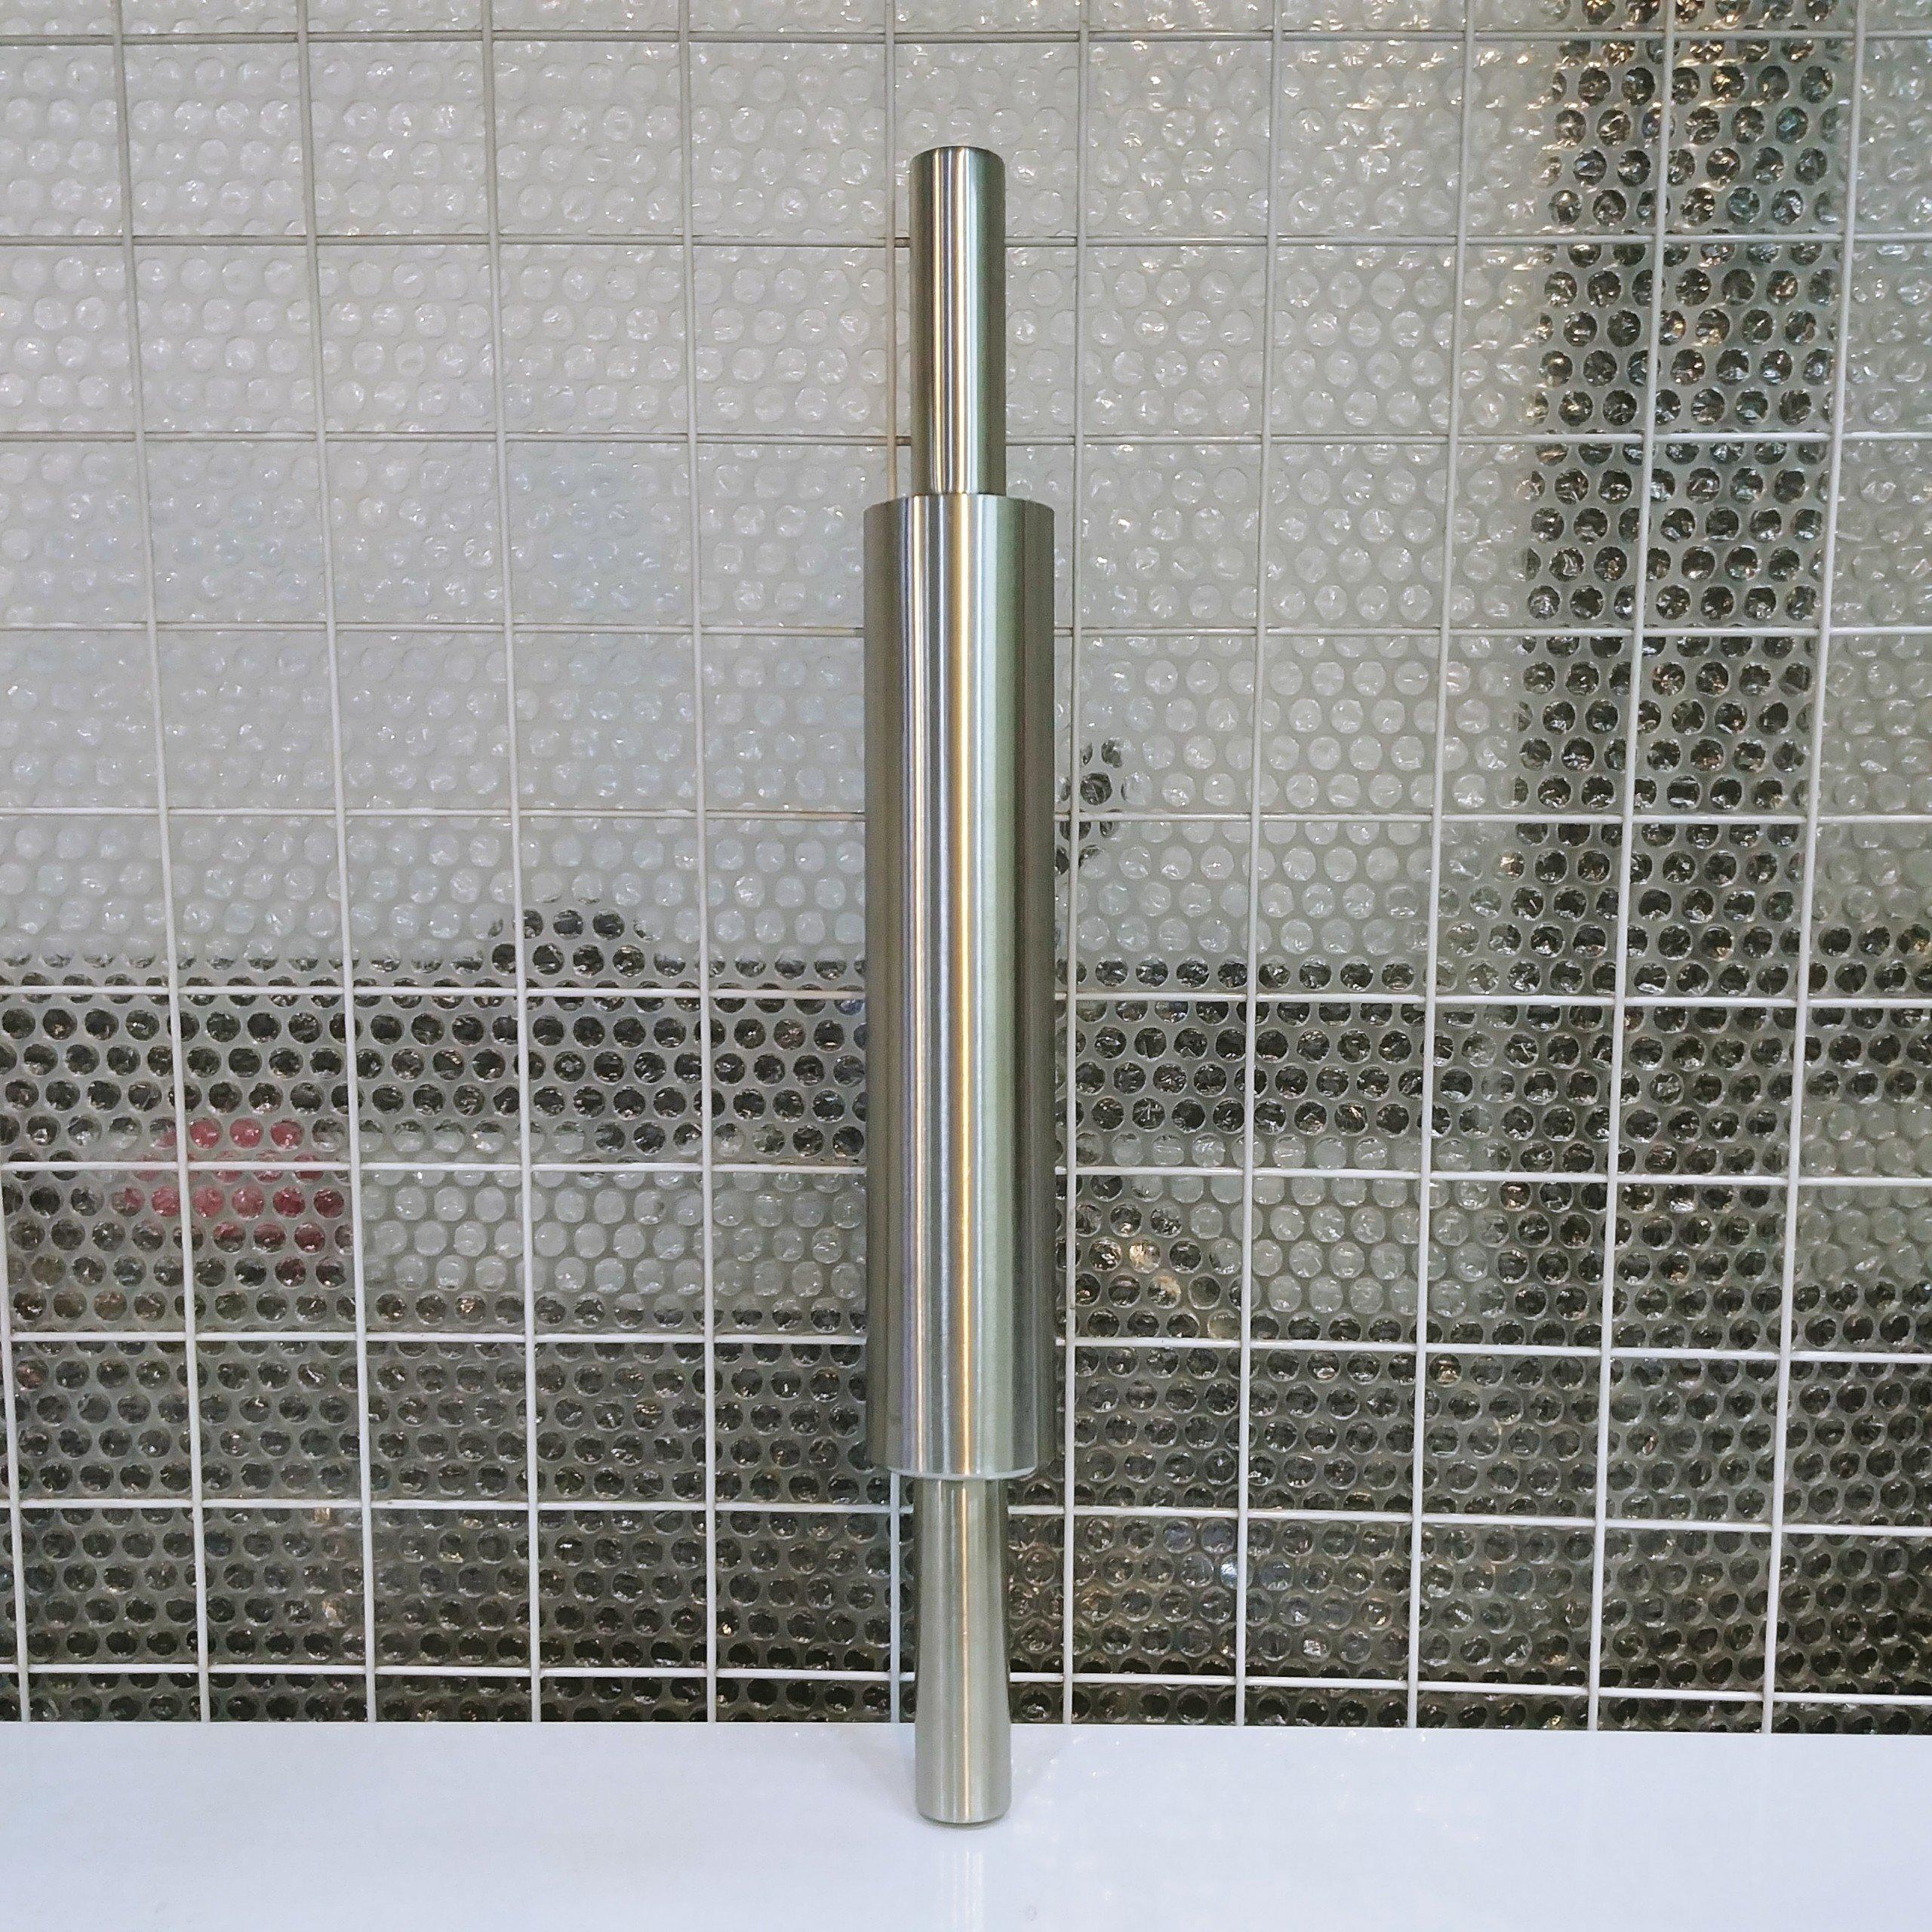 Cán bột inox có trục xoay dài 43cm